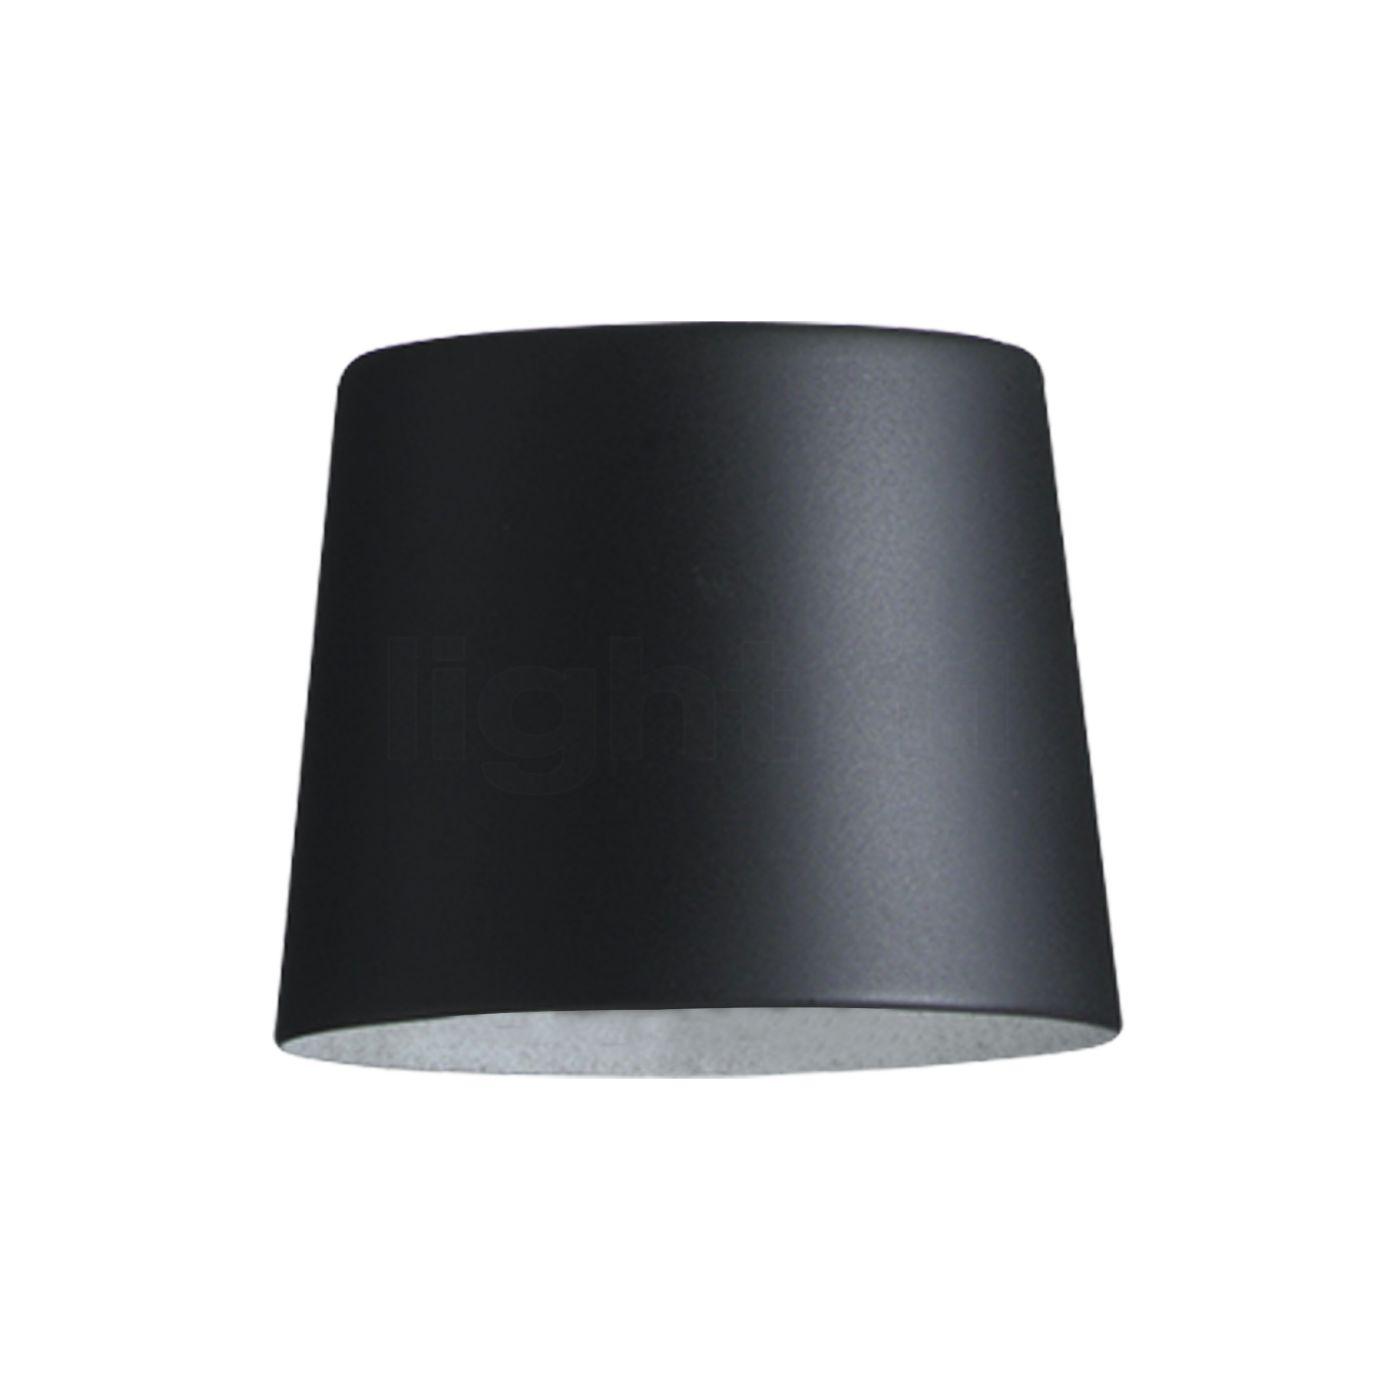 Anta Abat-jour de rechange pour Lampe de table Cut, aluminium/noir